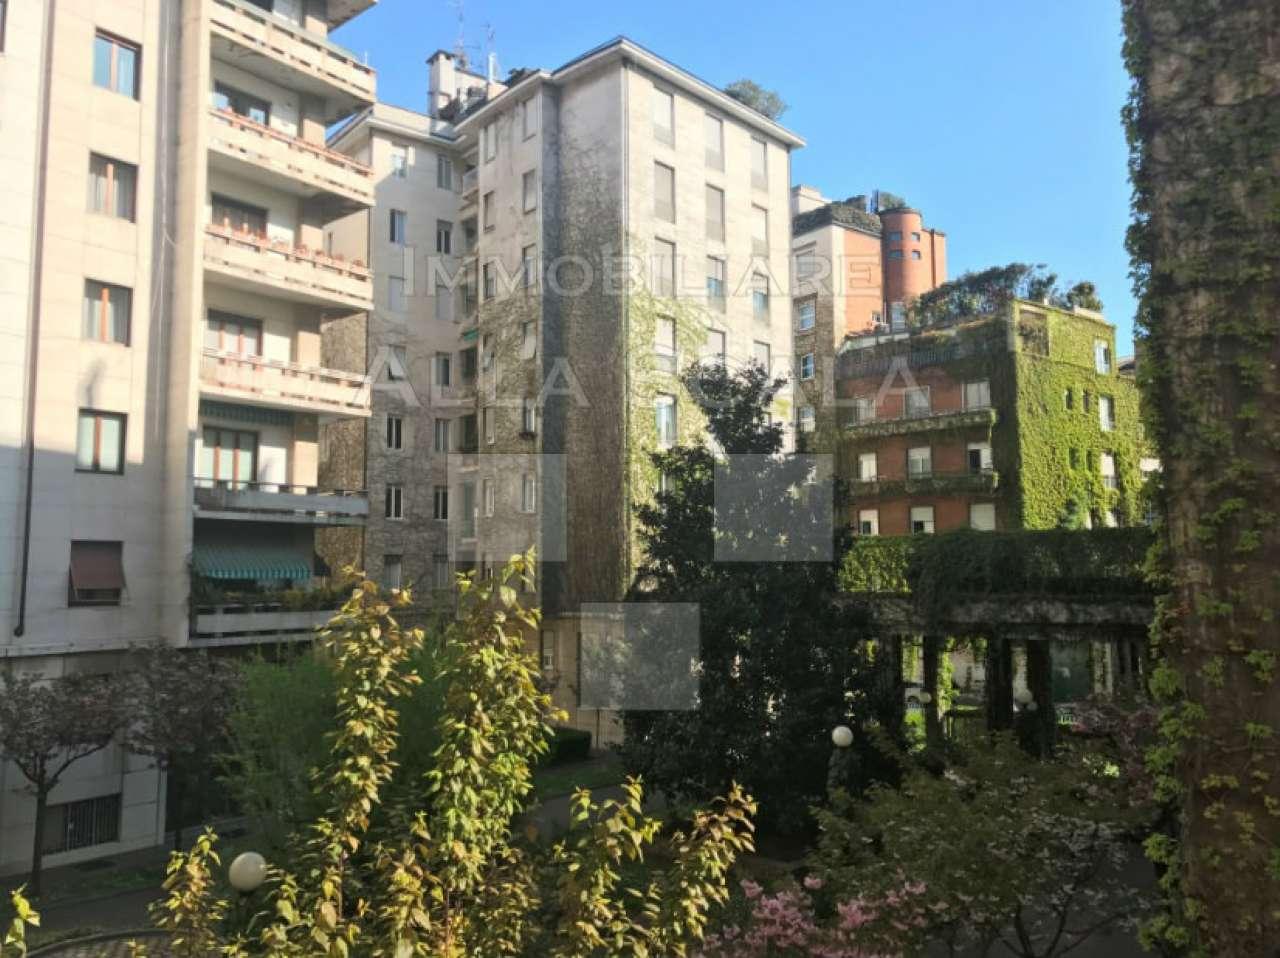 Appartamento in Vendita a Milano: 5 locali, 170 mq - Foto 7